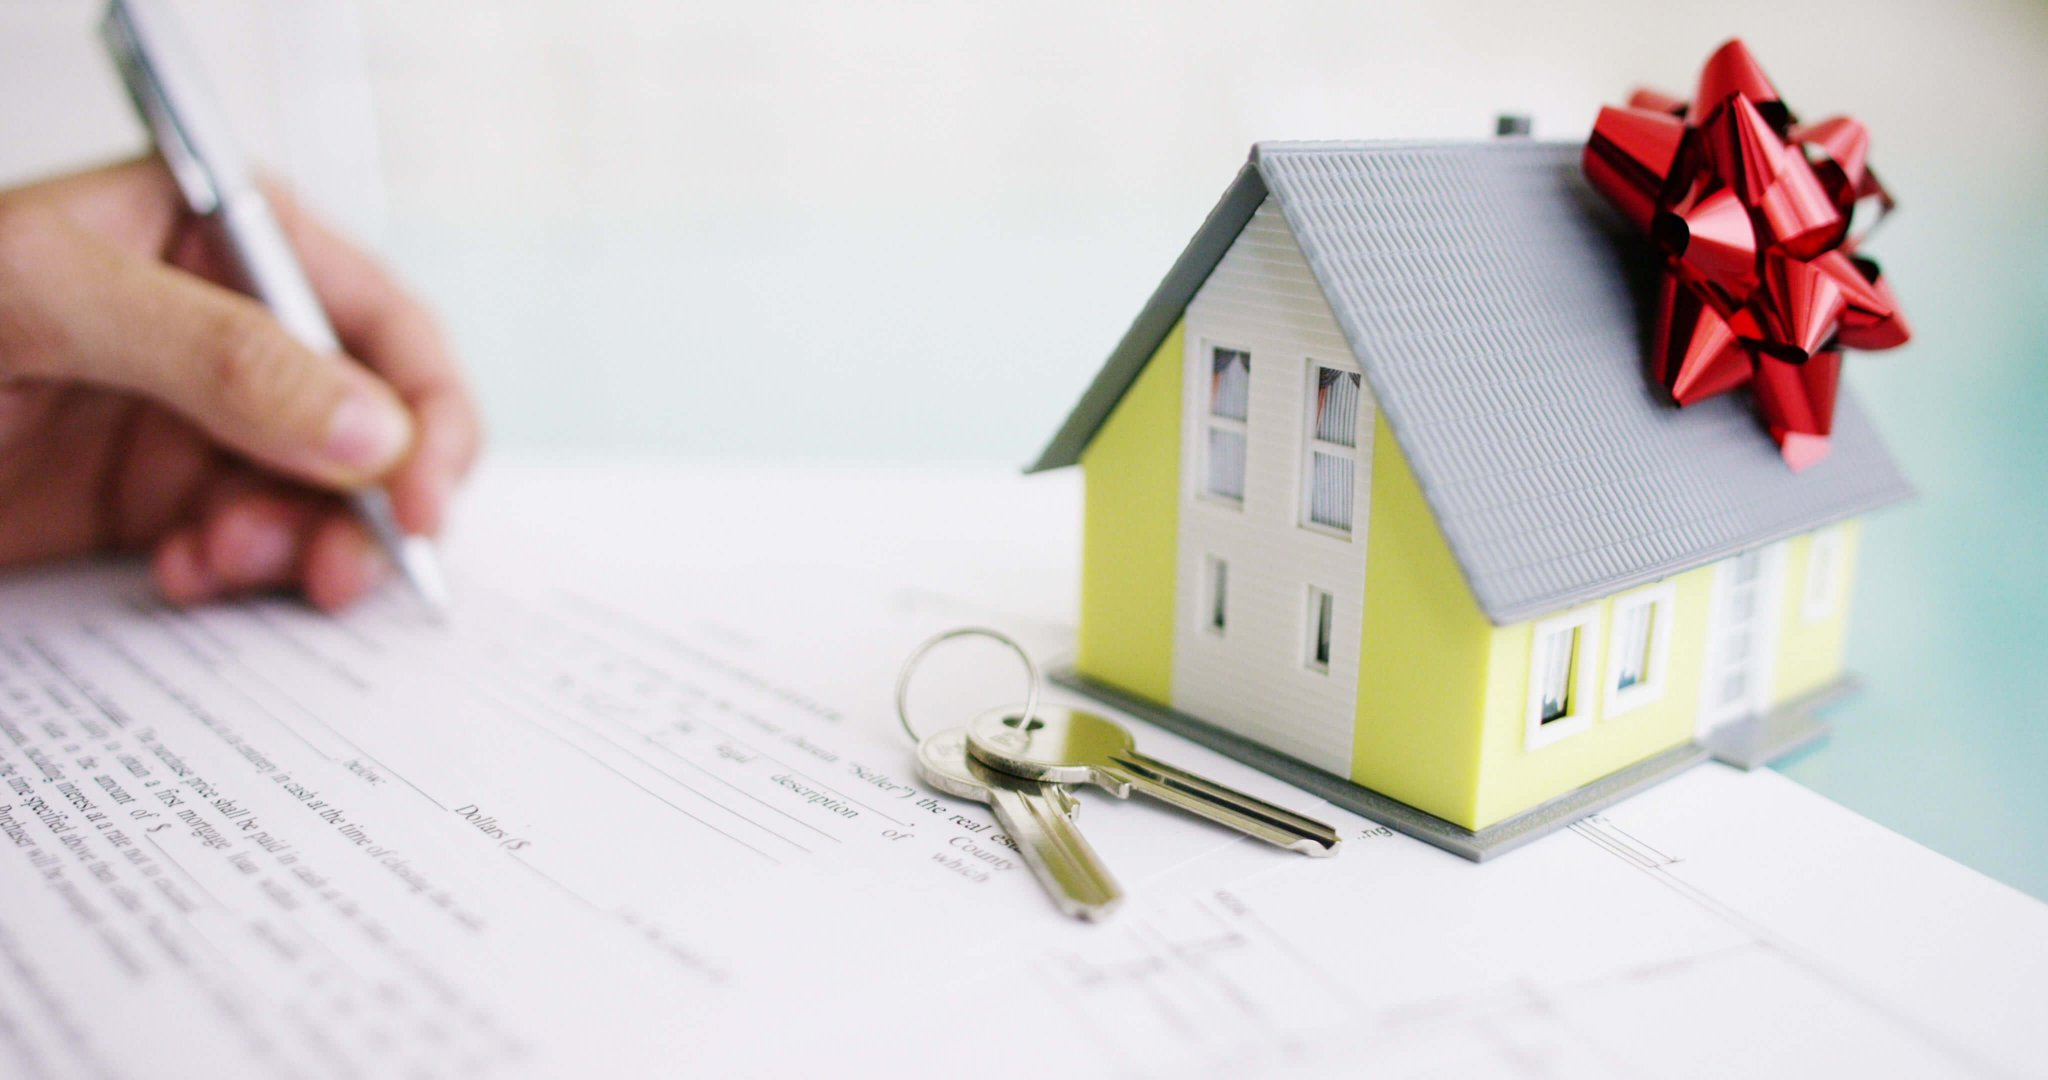 Можно ли оспорить завещание на дом после смерти завещателя